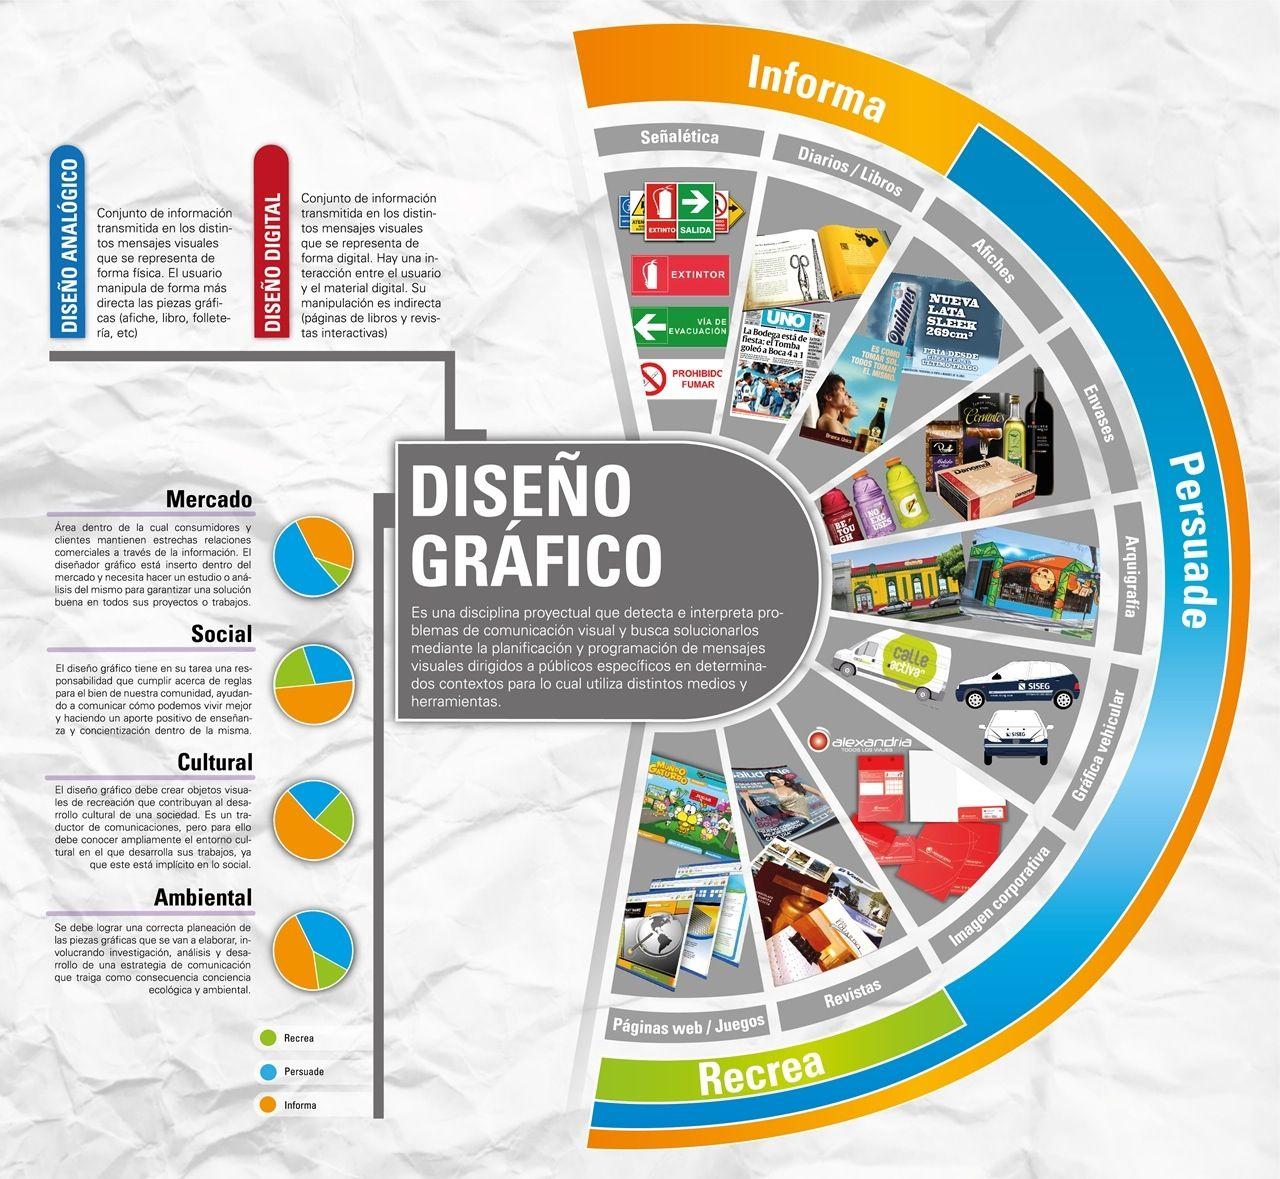 Infografía sobre Diseño Gráfico | diseño grafico <3